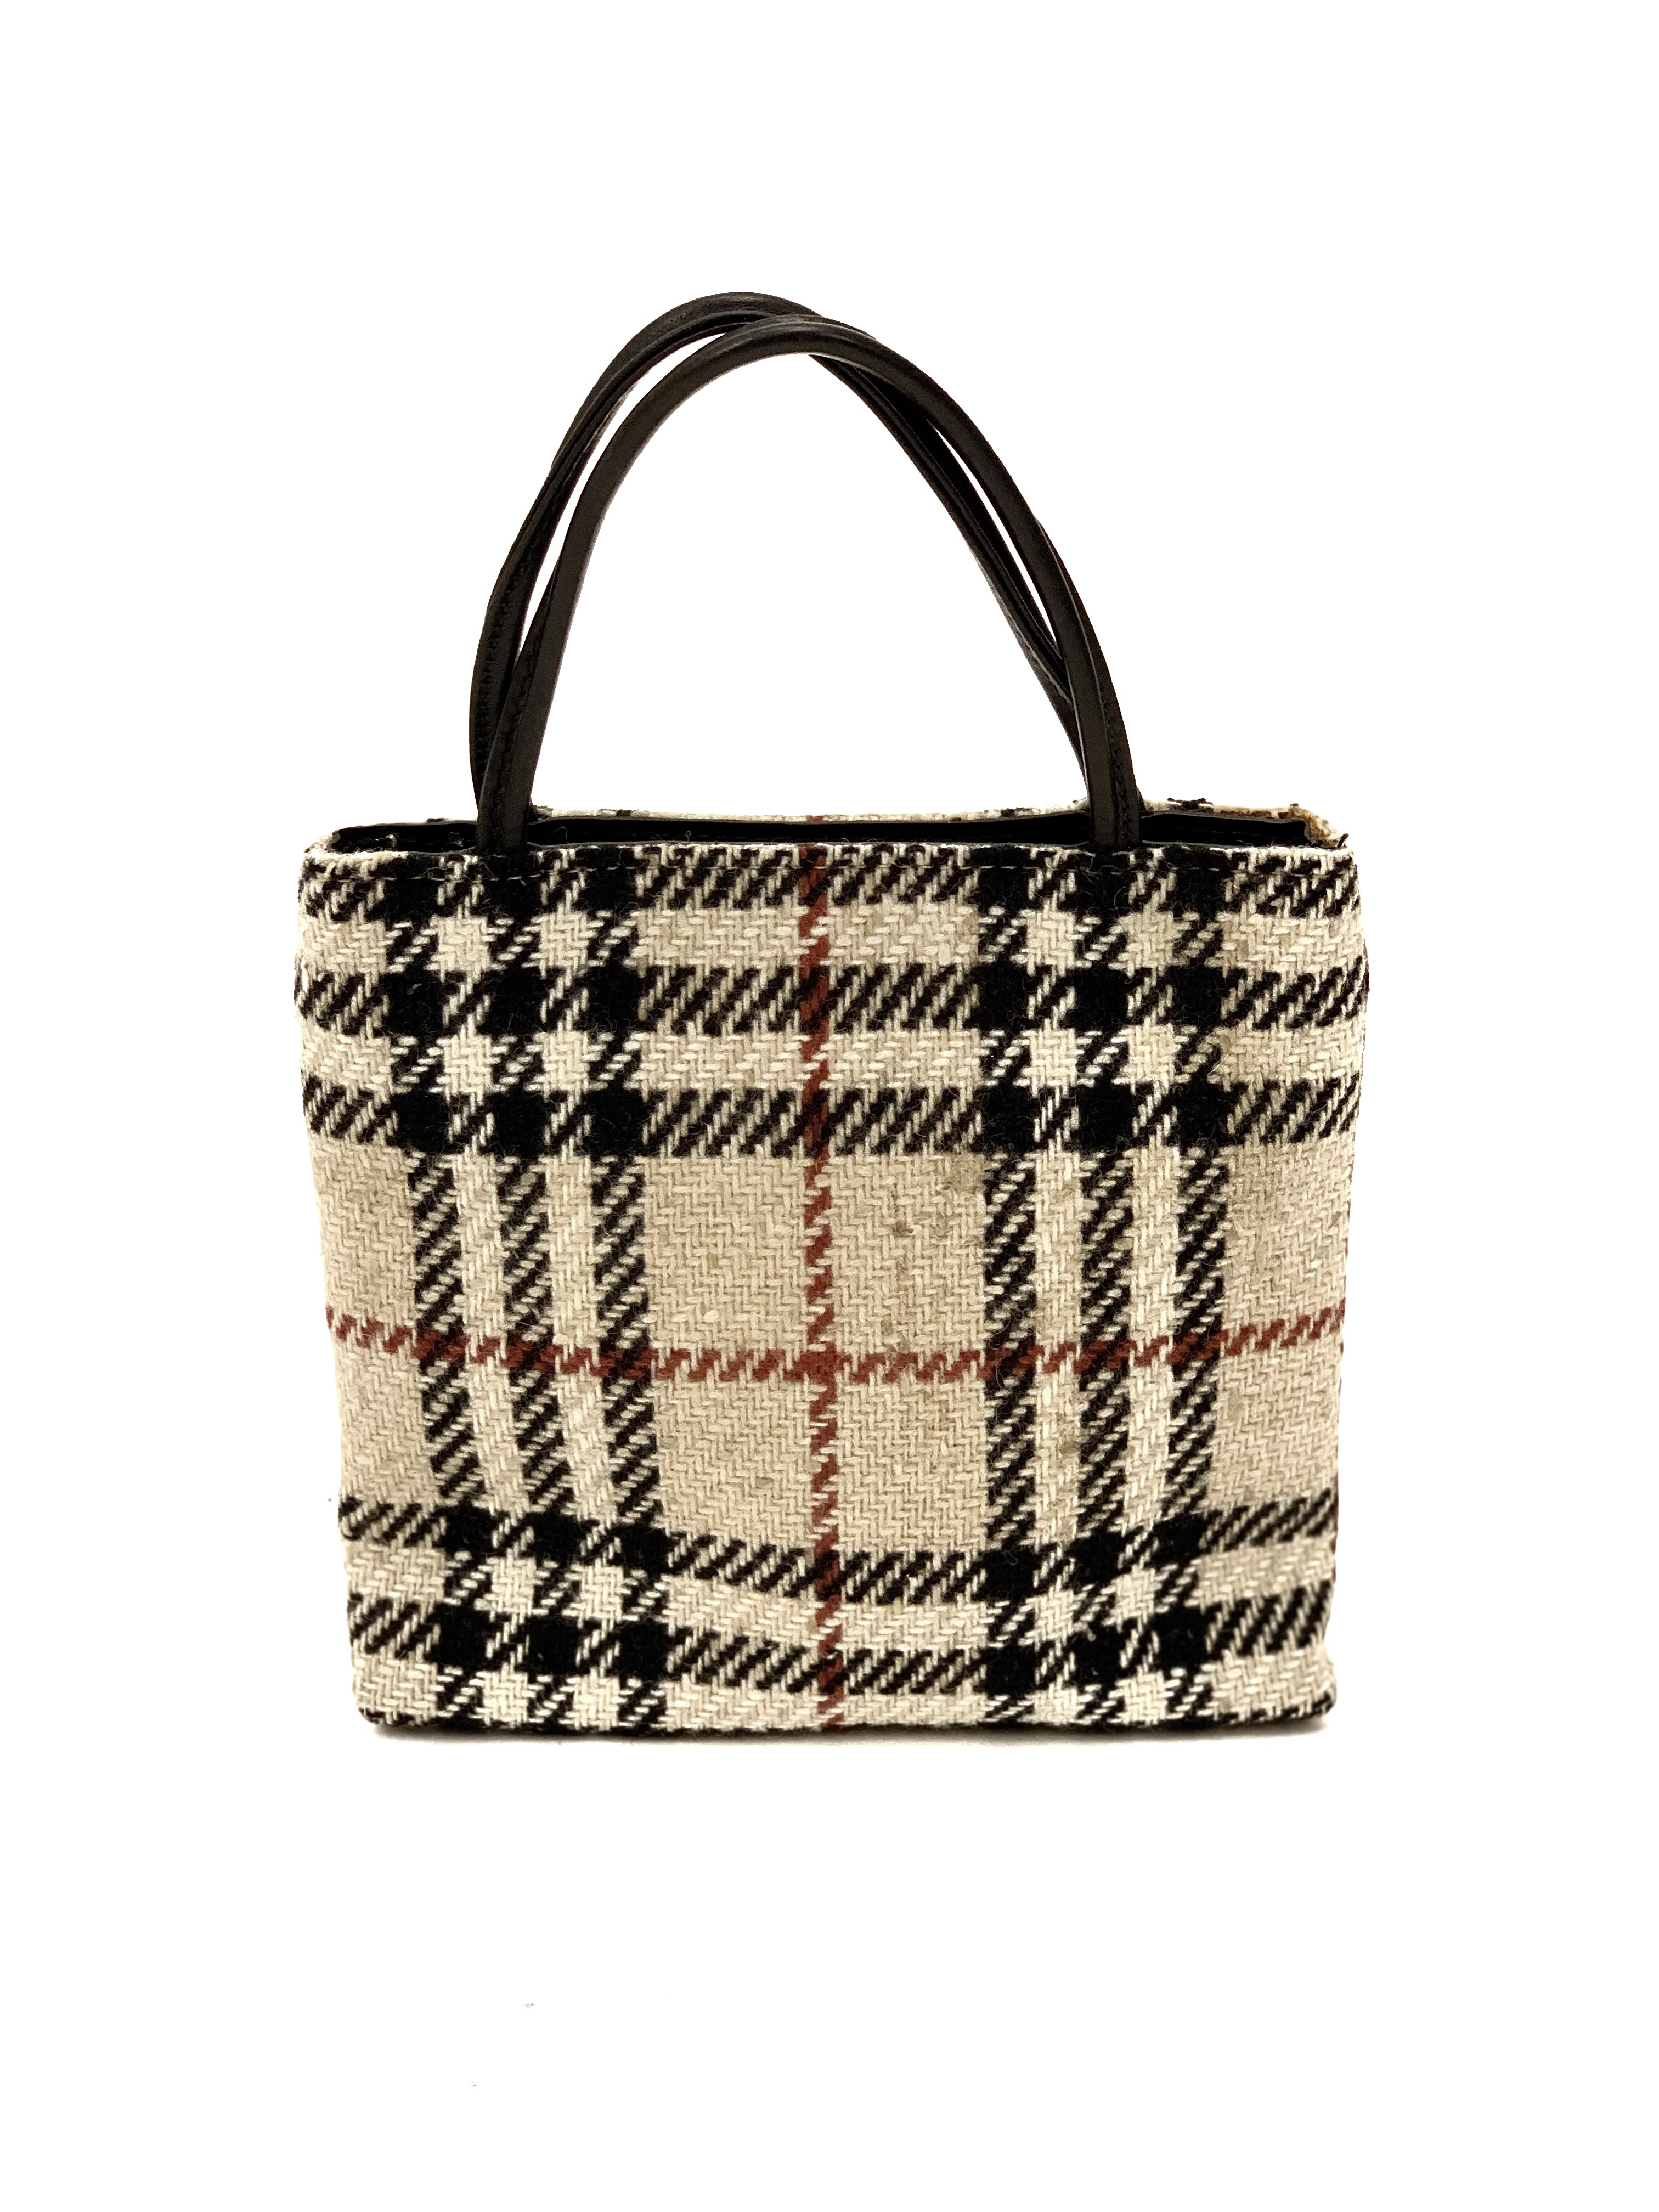 Burberry mini tweed väska SV5226